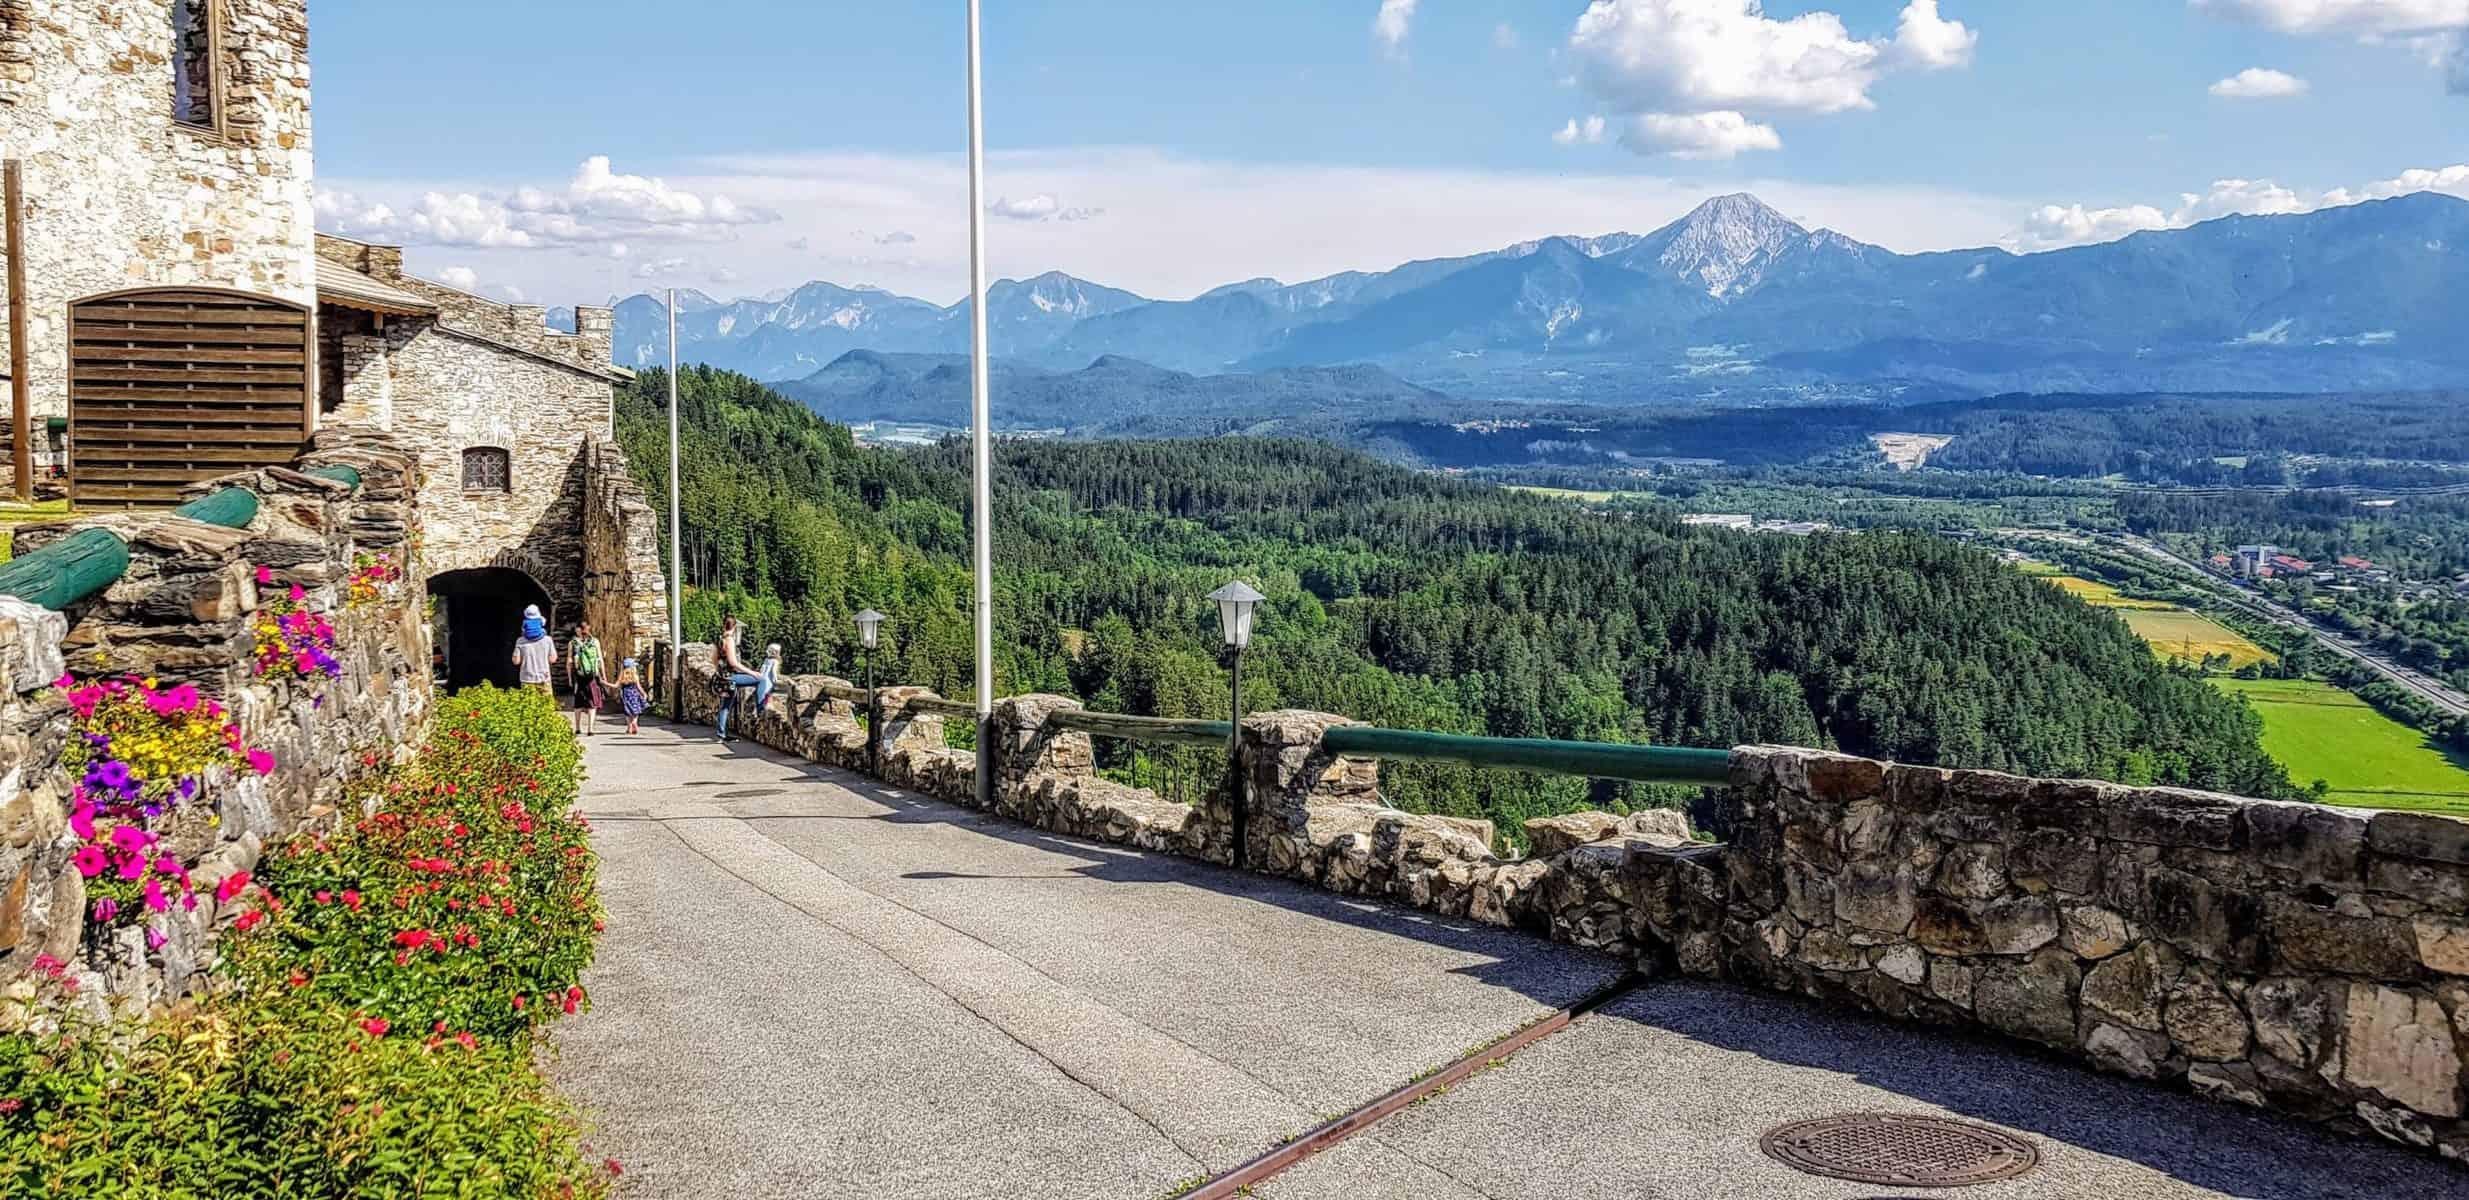 Burgruine Landskron Aussicht auf Kärnten, Karawanken und Mittagskogel - Familienausflugsziel in Österreich